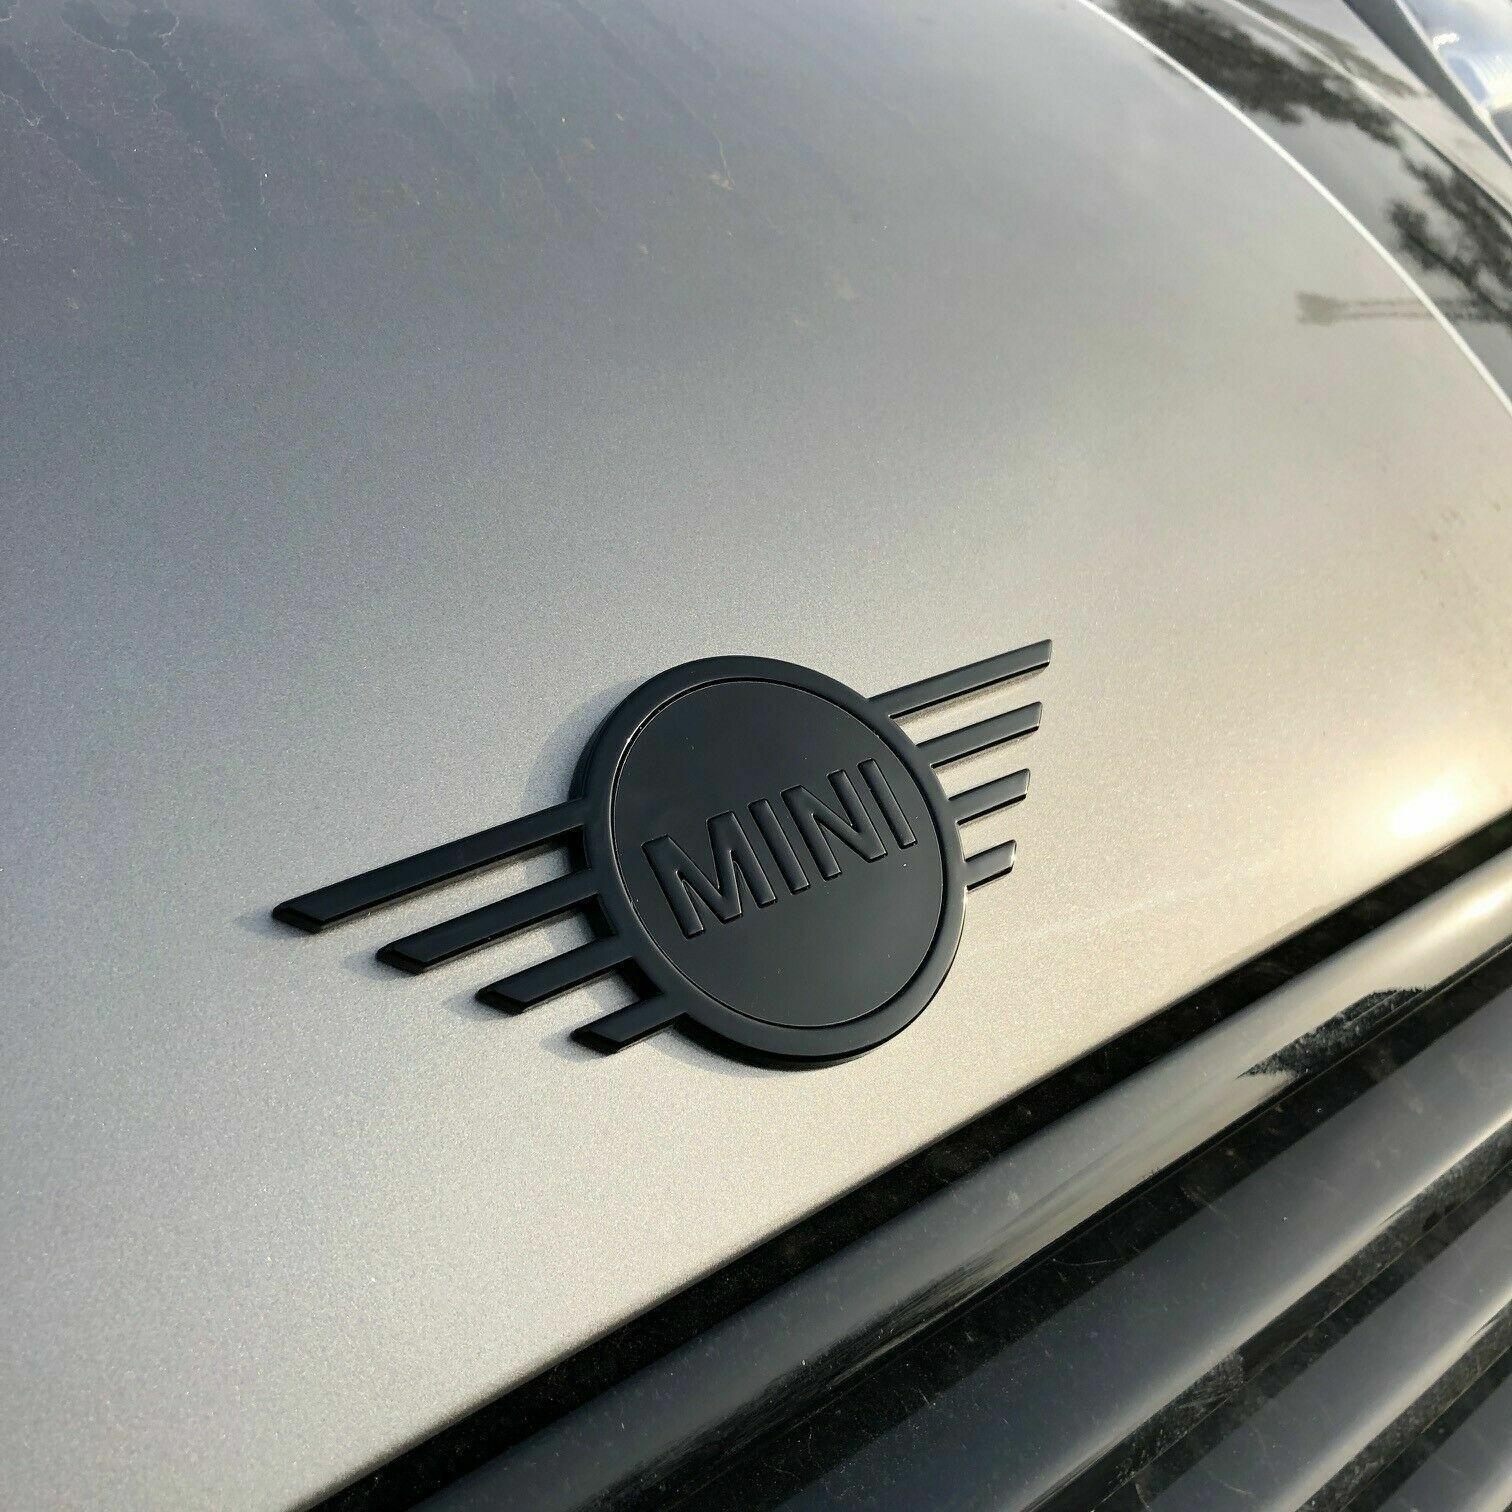 Genuine MINI F55 F56 F57 Piano Black Front /& Rear Badges 51142465241//2